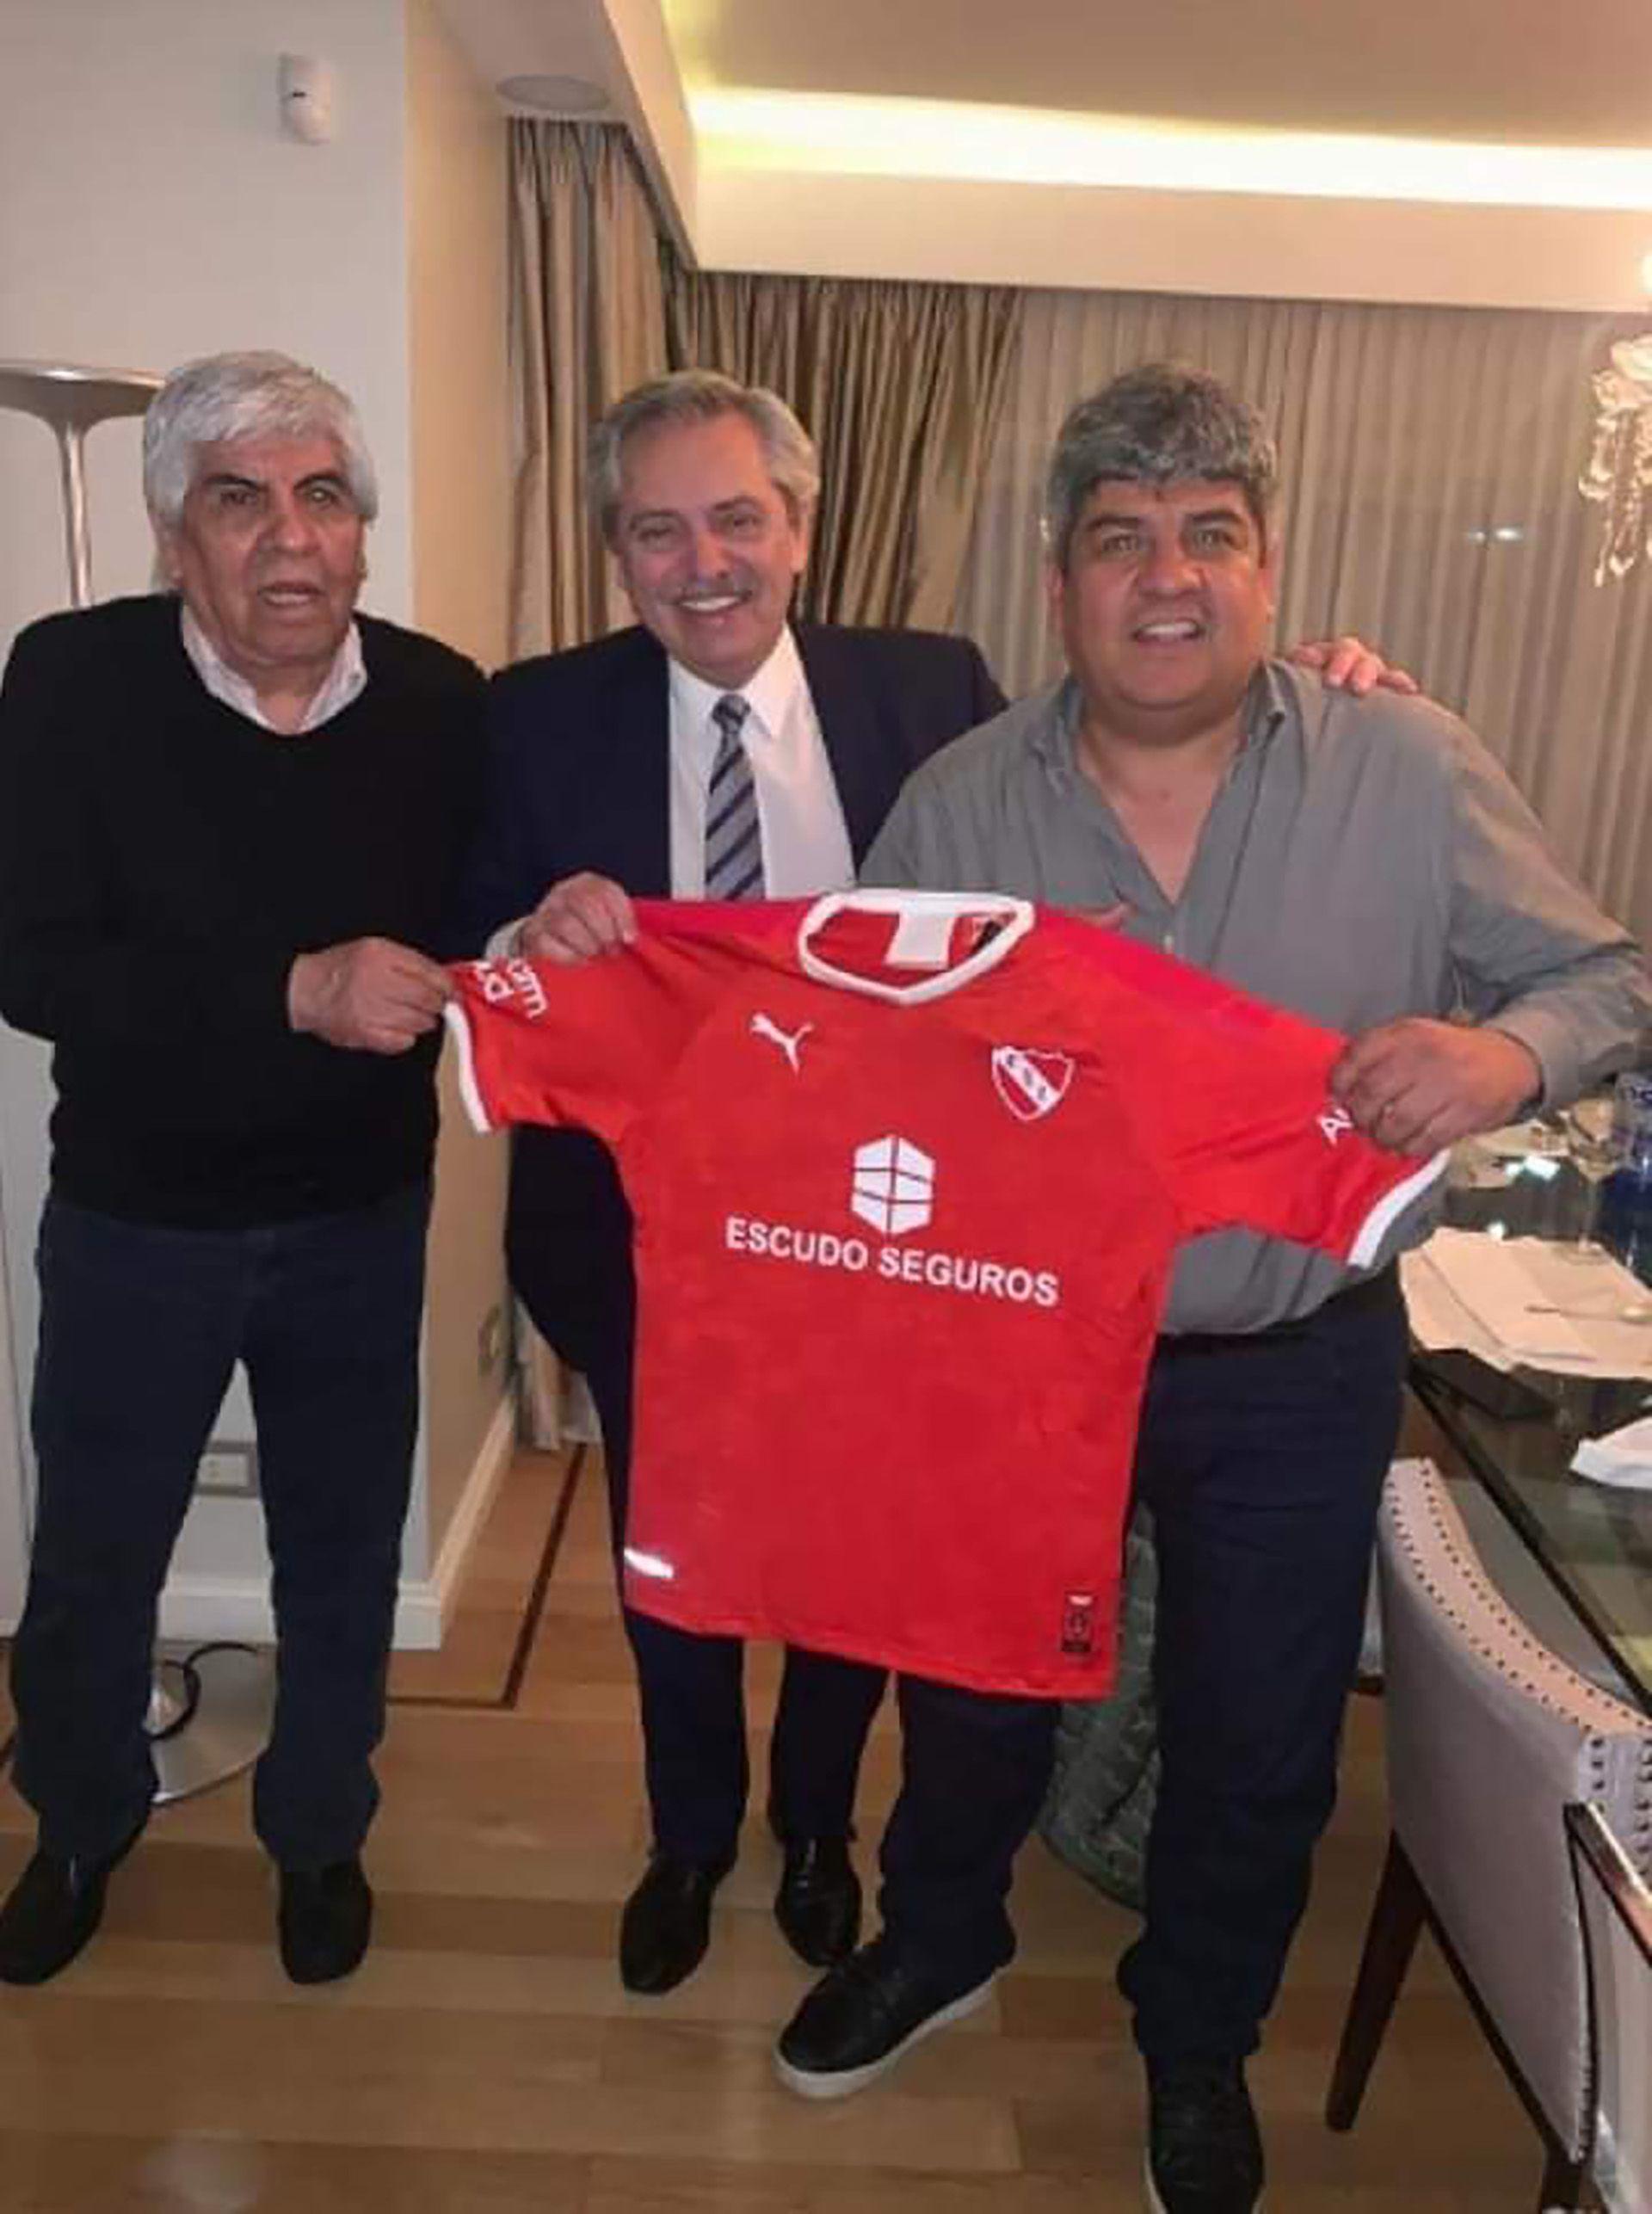 Pablo Moyano advirtió que saldrán a reclamarles a las empresas que no paguen el bono de 20.000 pesos a los camioneros; en la foto, con su papá Hugo y Alberto Fernández